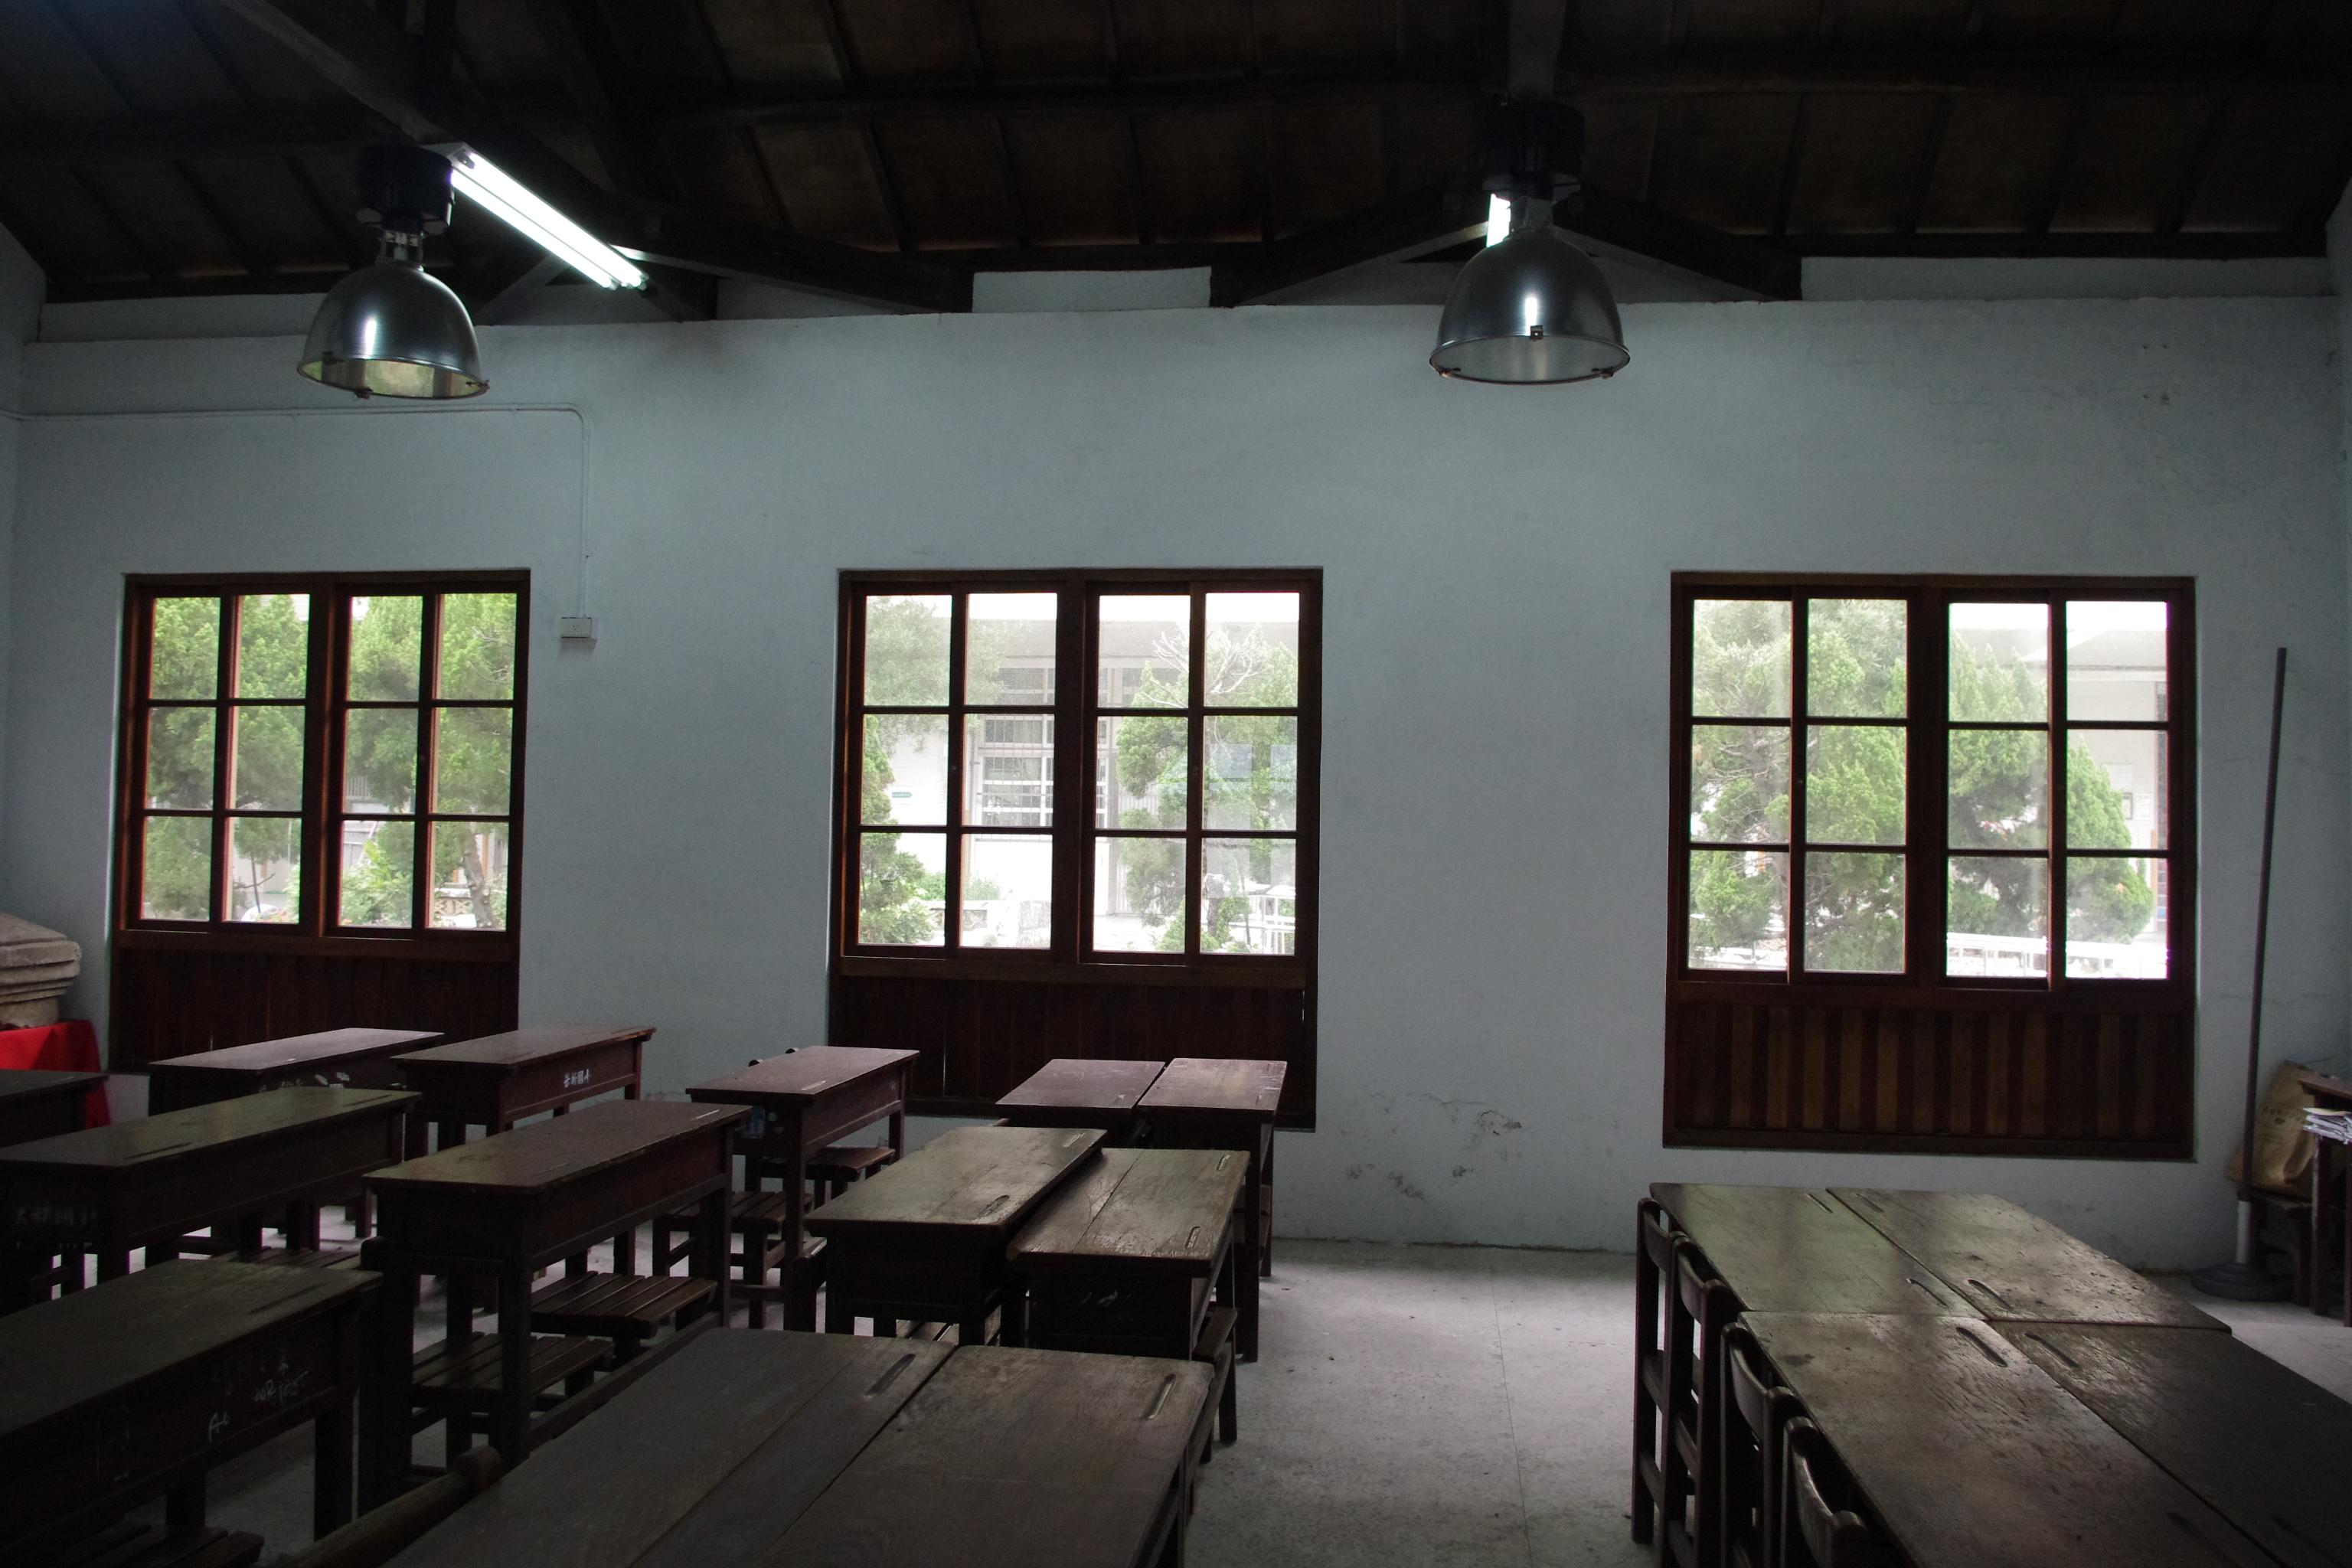 第一間教室